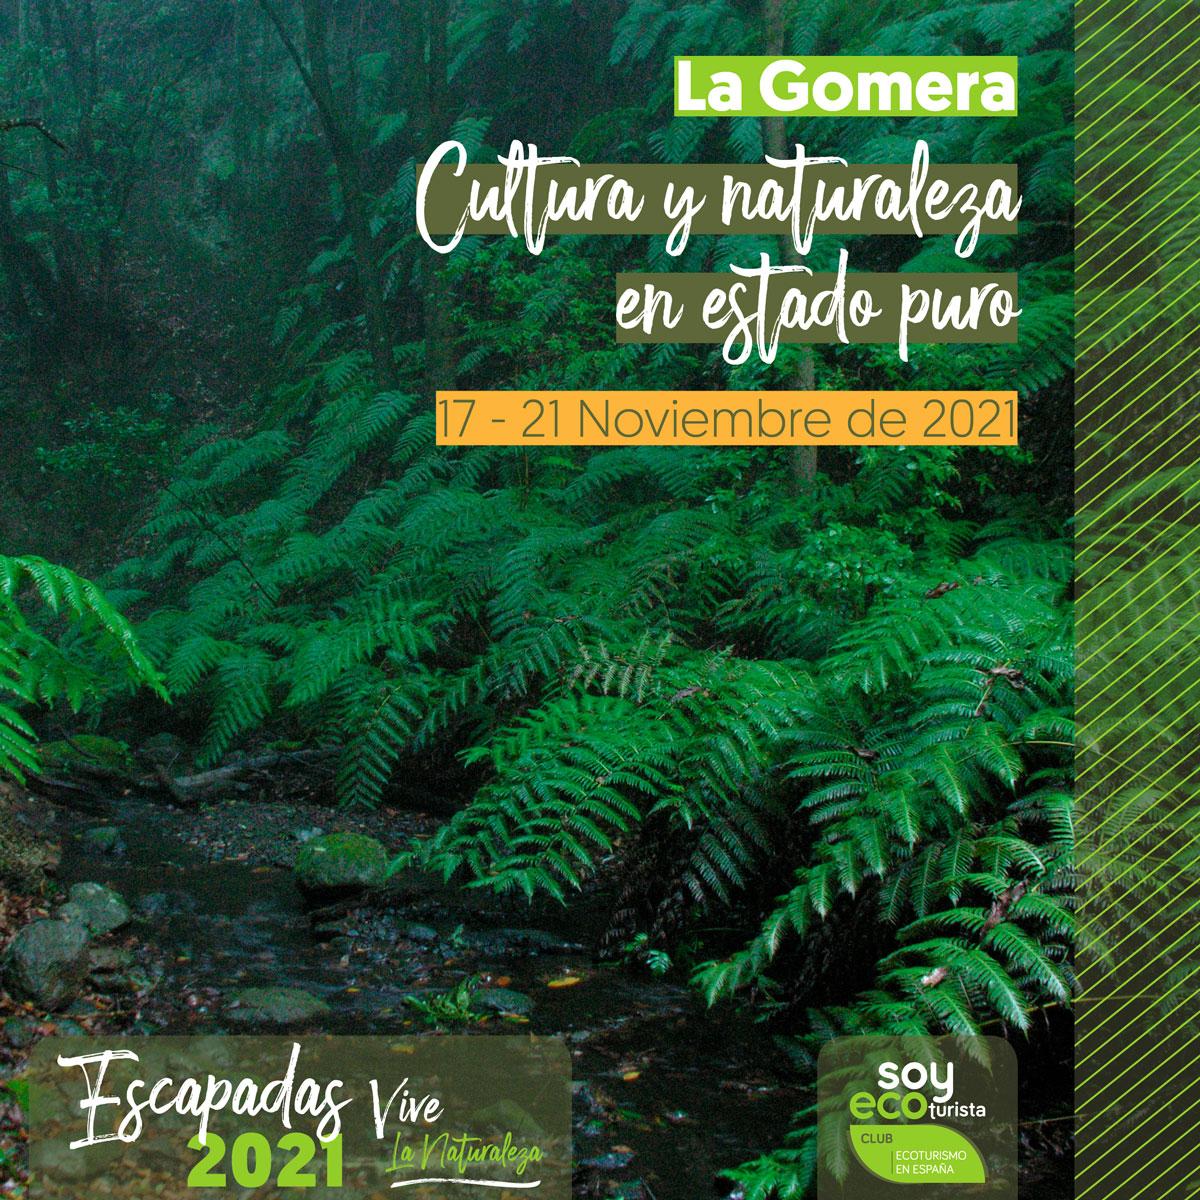 escapada de ecoturismo a La Gomera en noviembre